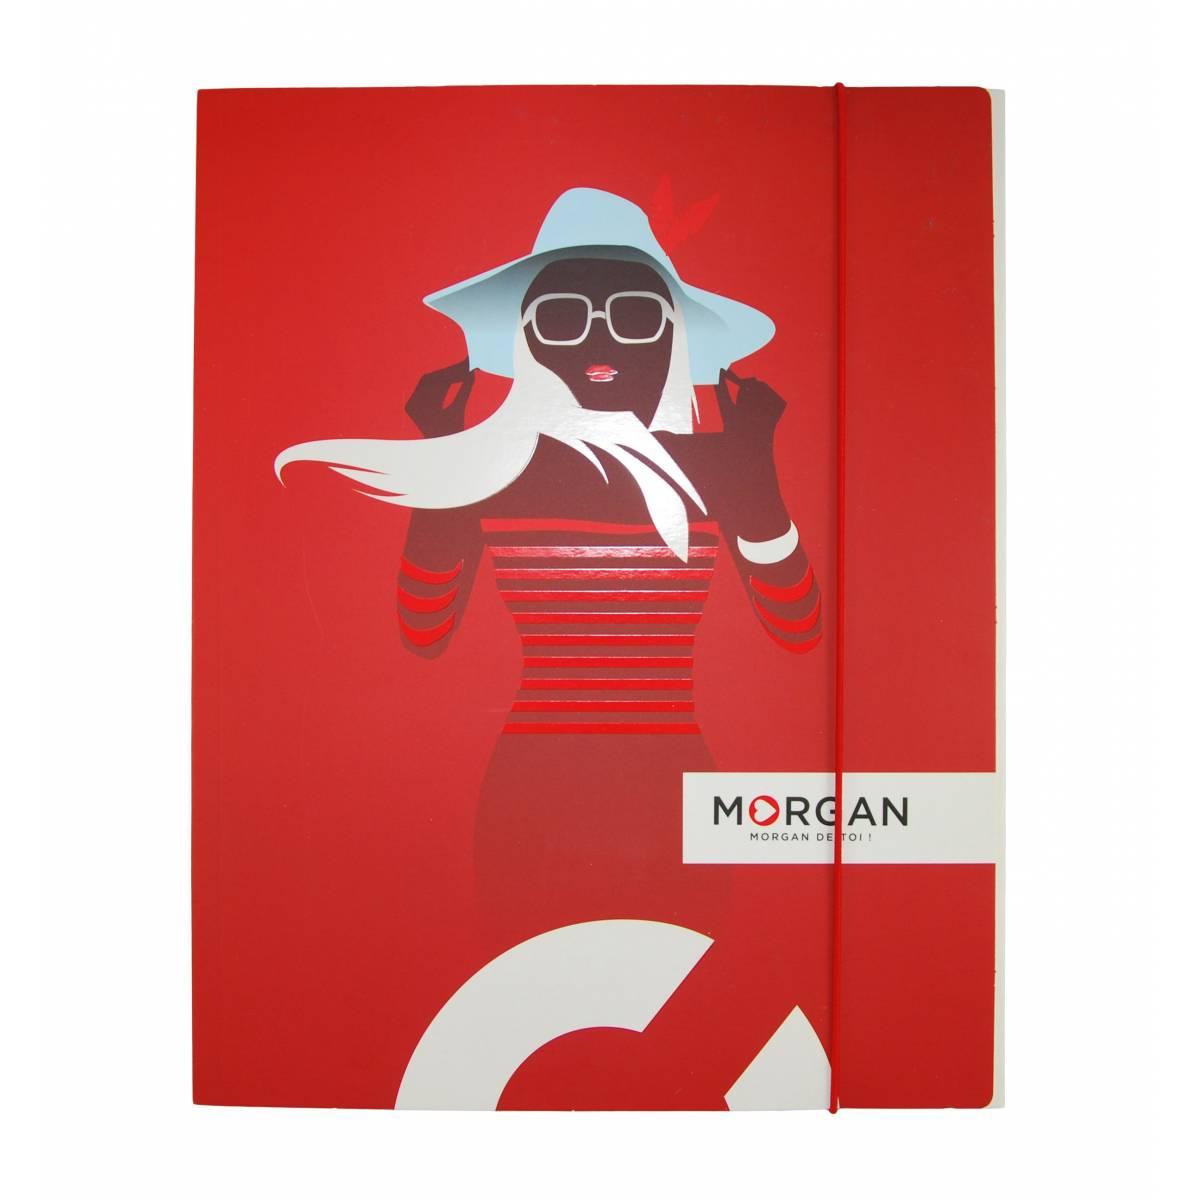 Morgan - Chemise à élastique avec rabat A4 - 24x32cm